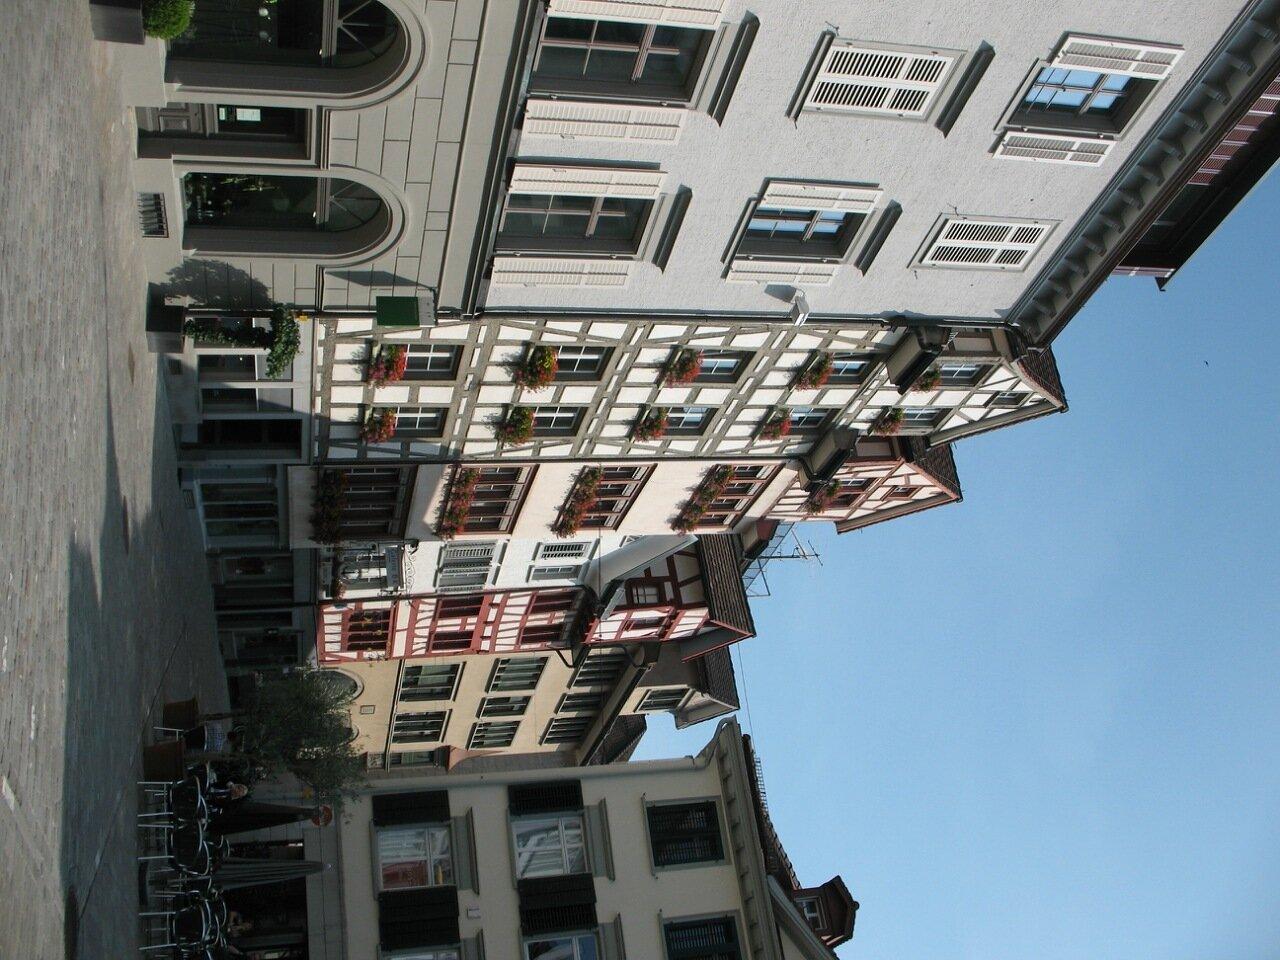 St-Gallen_07.JPG